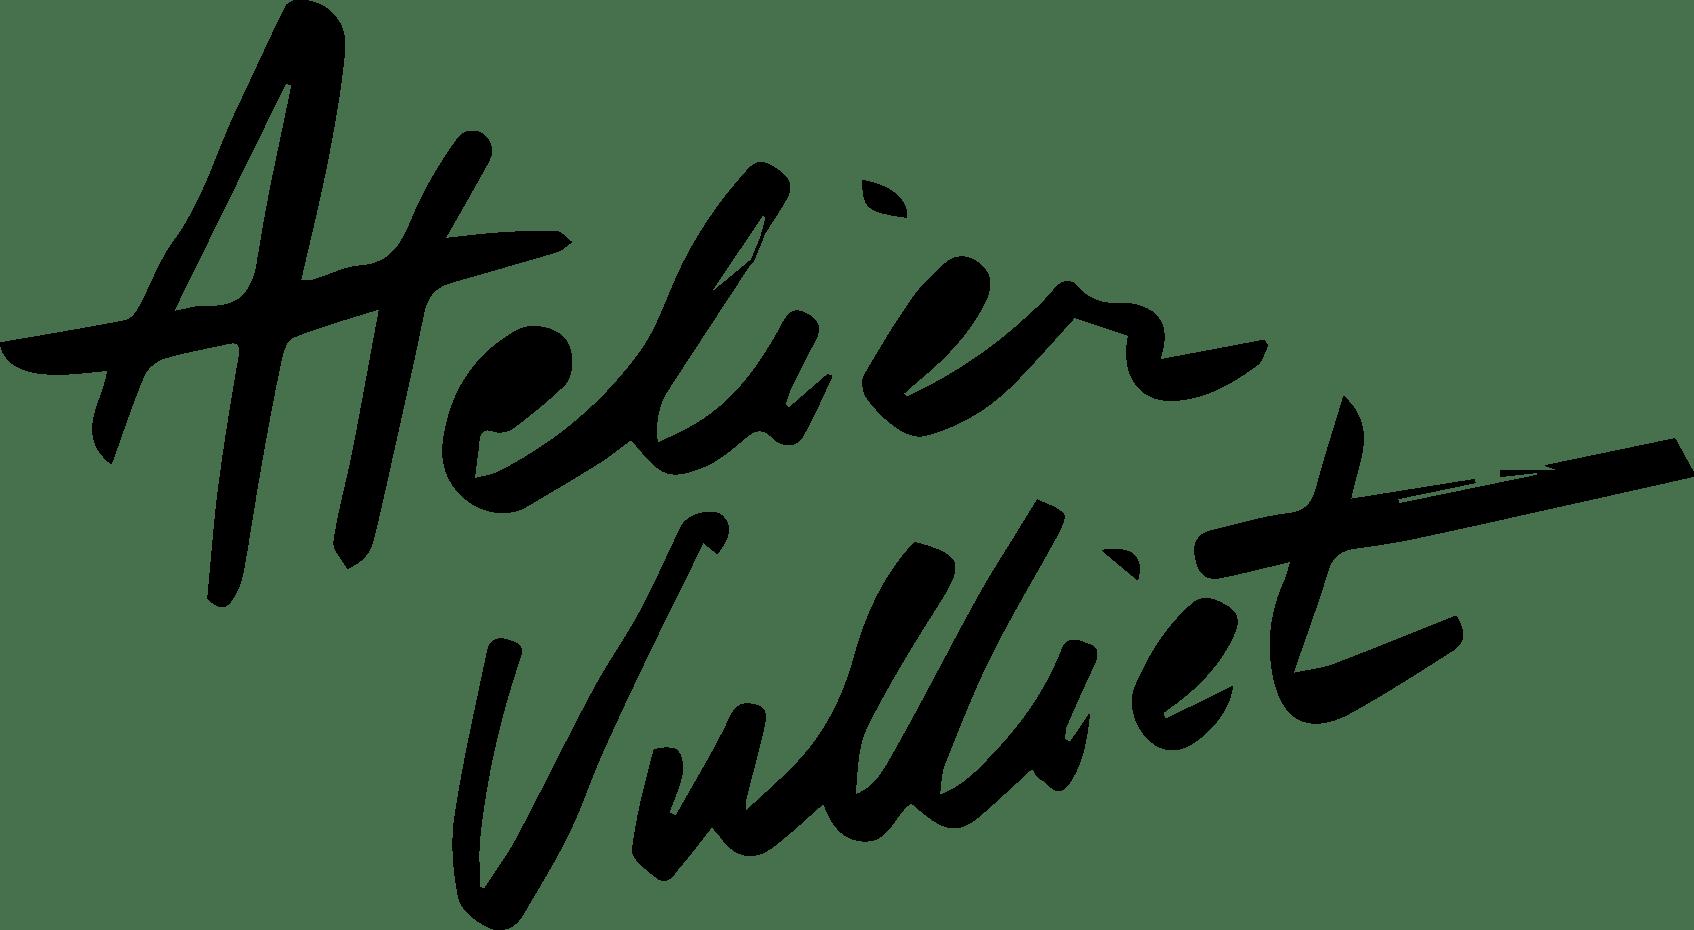 L'atelier de menuiserie Vulliet